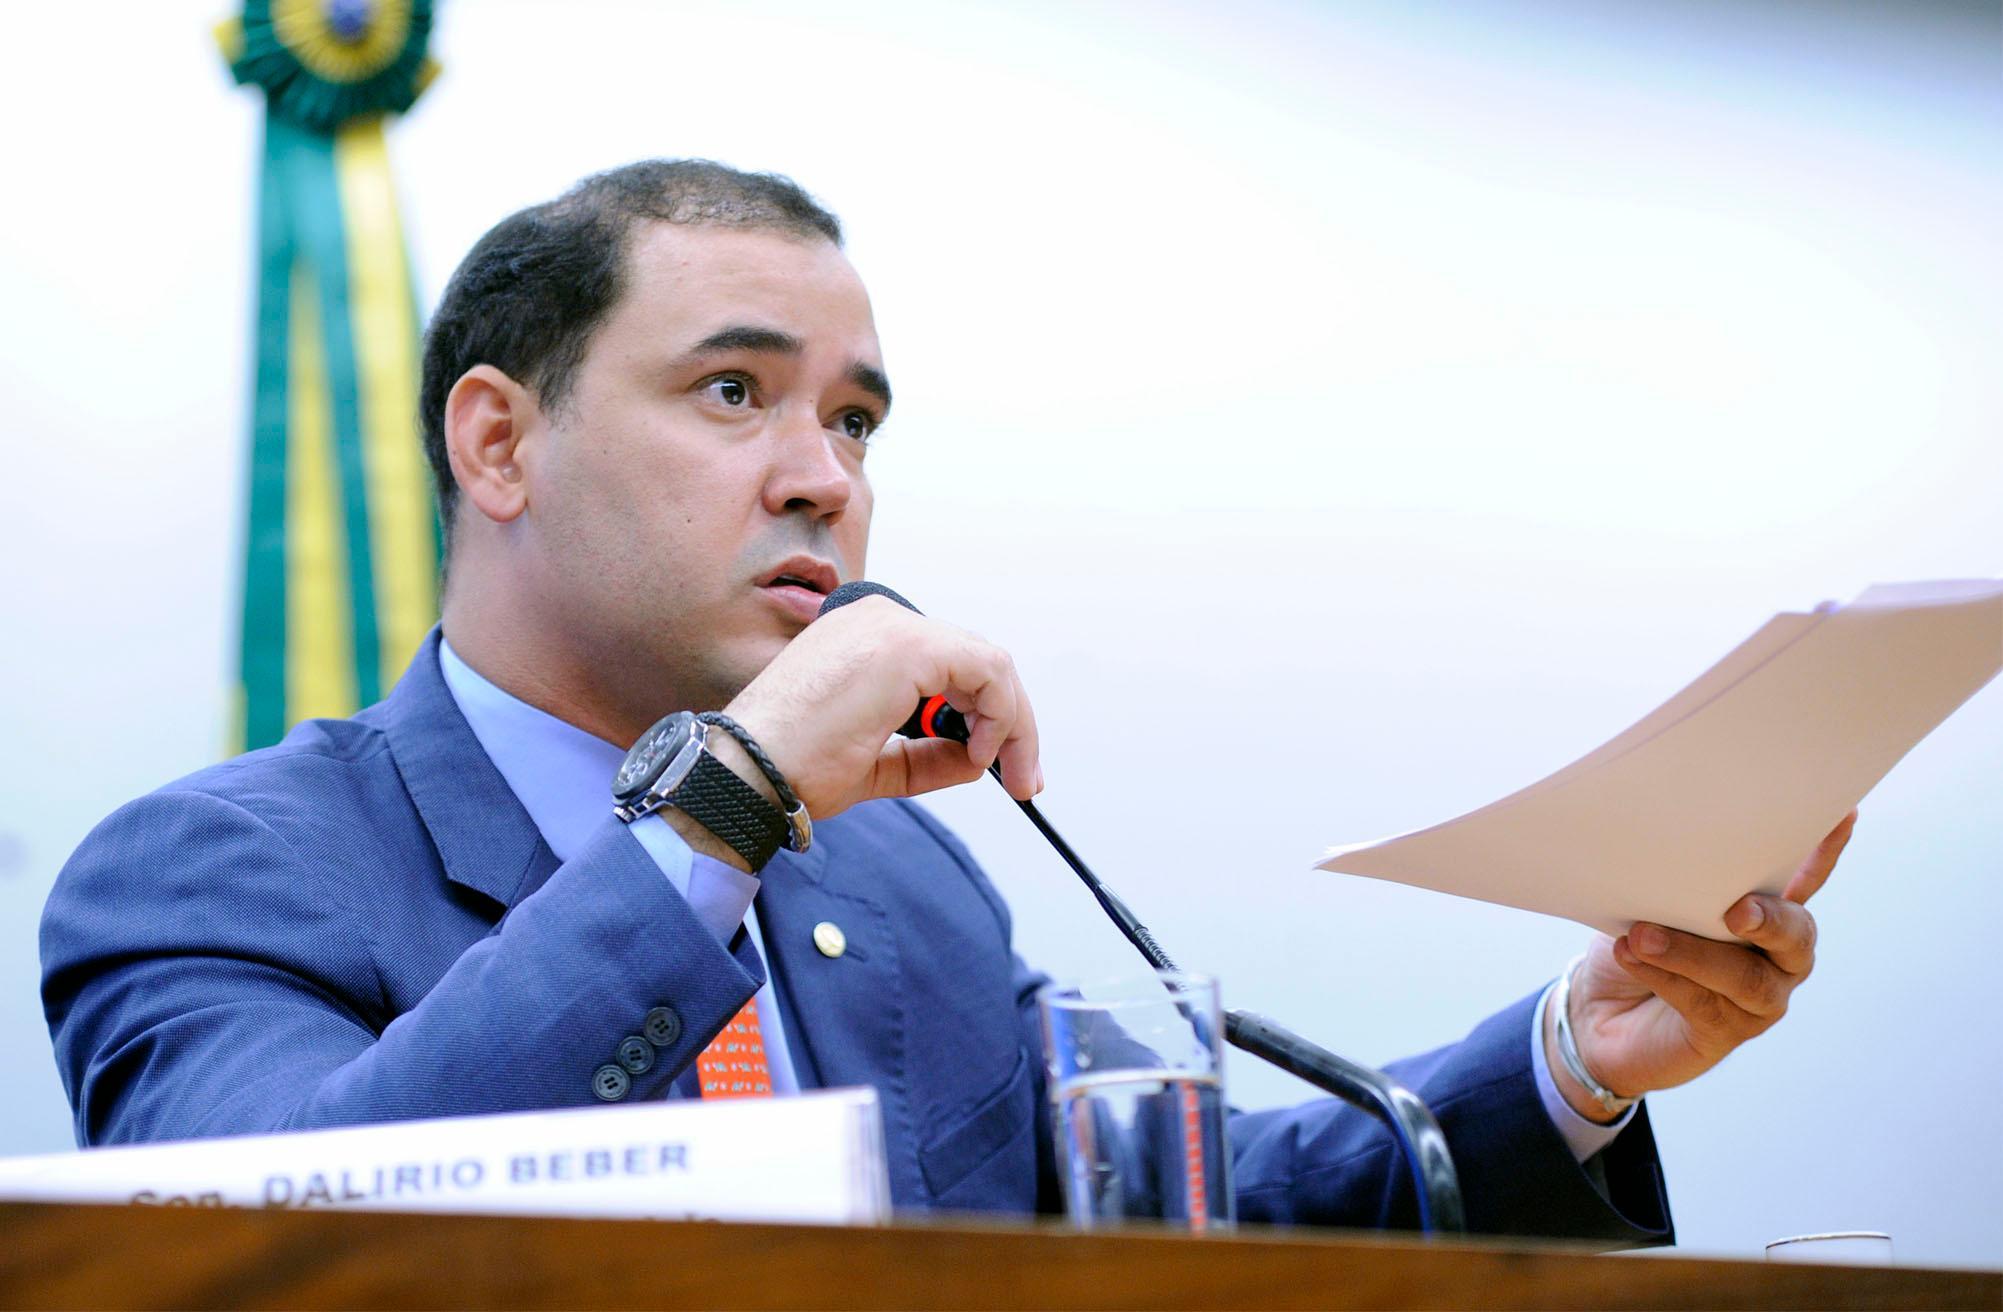 Reunião para discussão sobre o projeto da Lei de Diretrizes Orçamentárias (LDO). Dep. Vicentinho Junior (PR - TO)